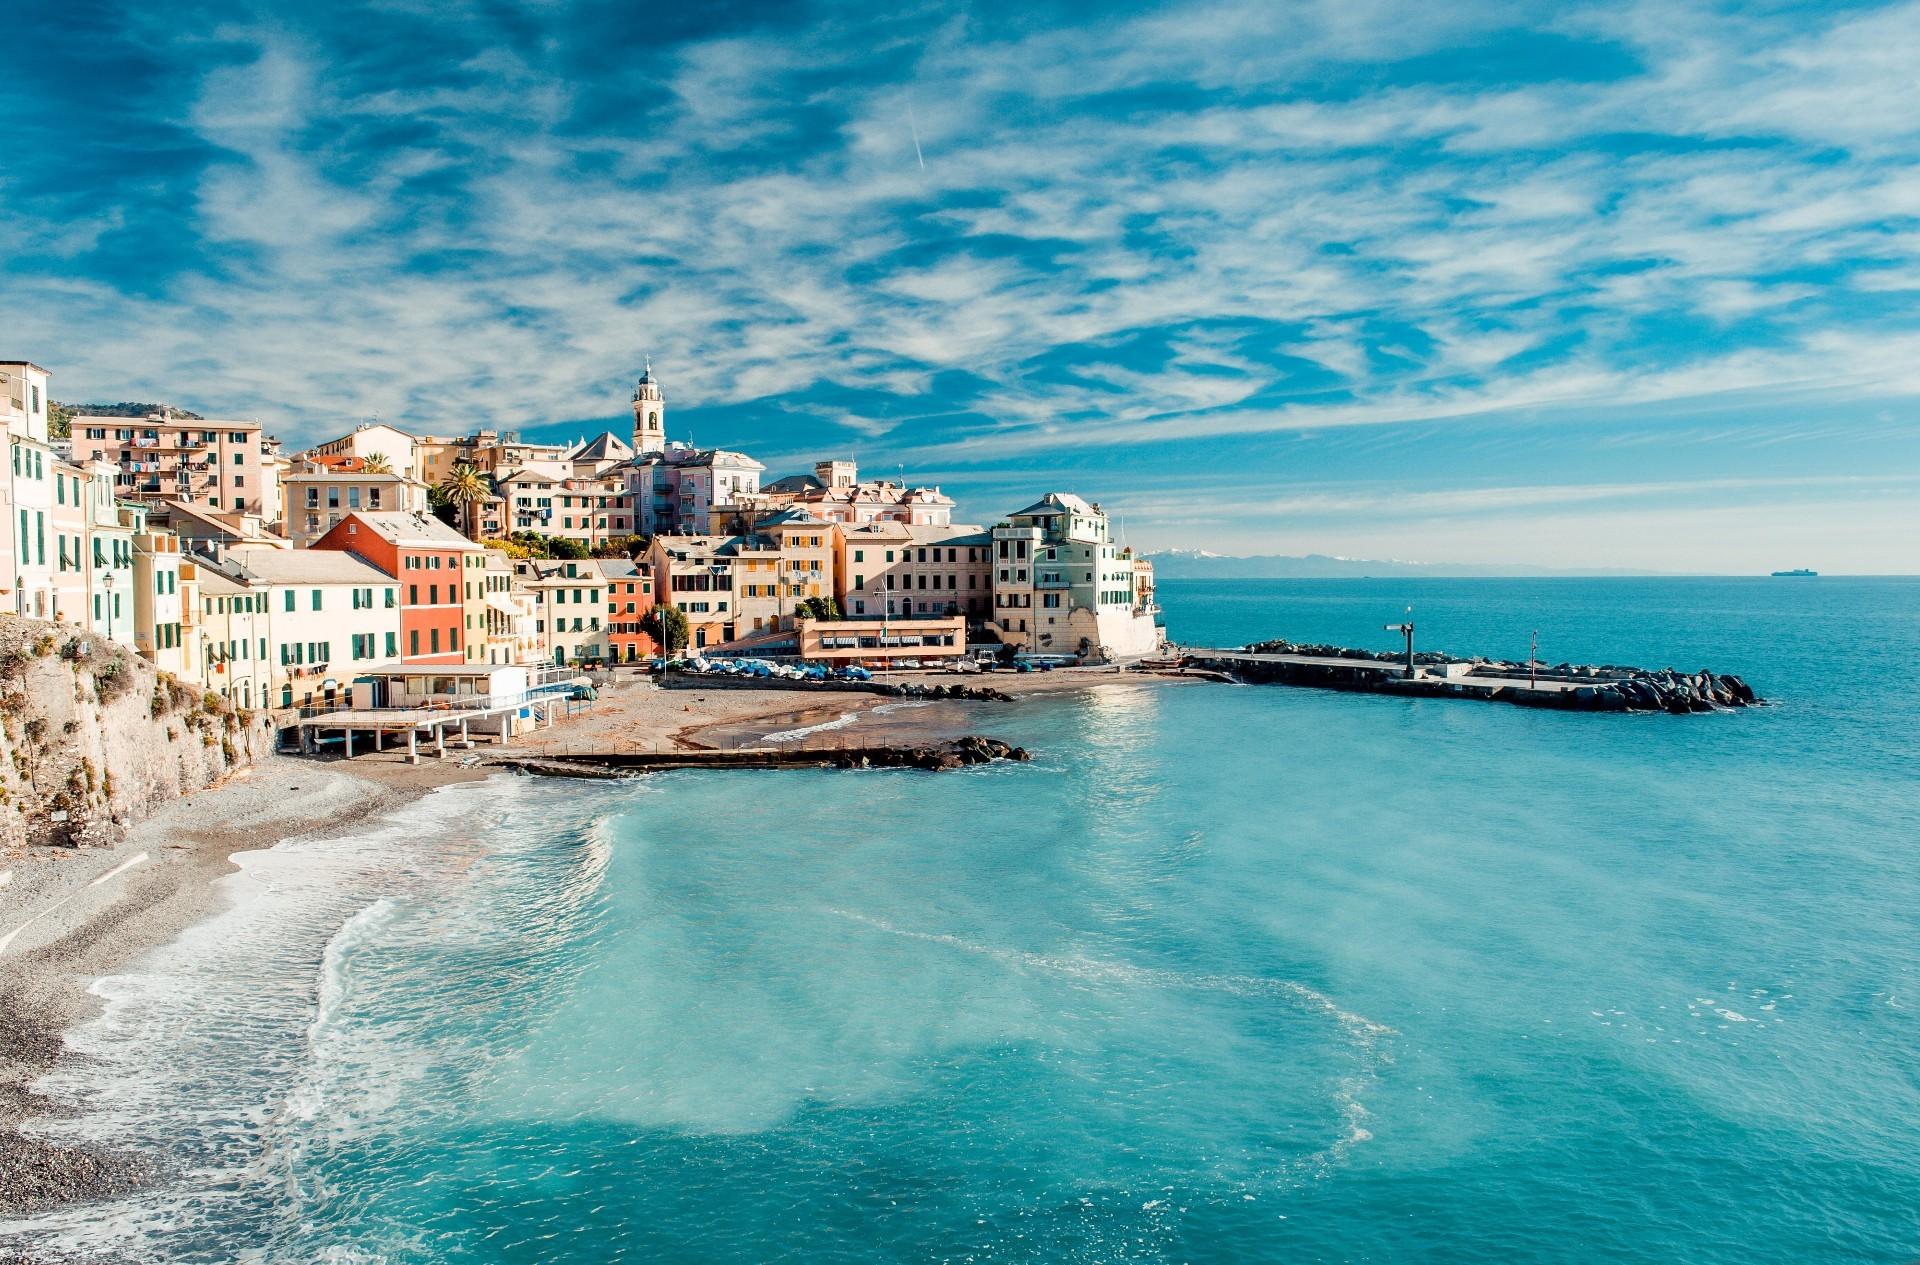 тюнинг-обвесы демонстрируют, роскошная италия фото на рабочий стол задействовал европейский